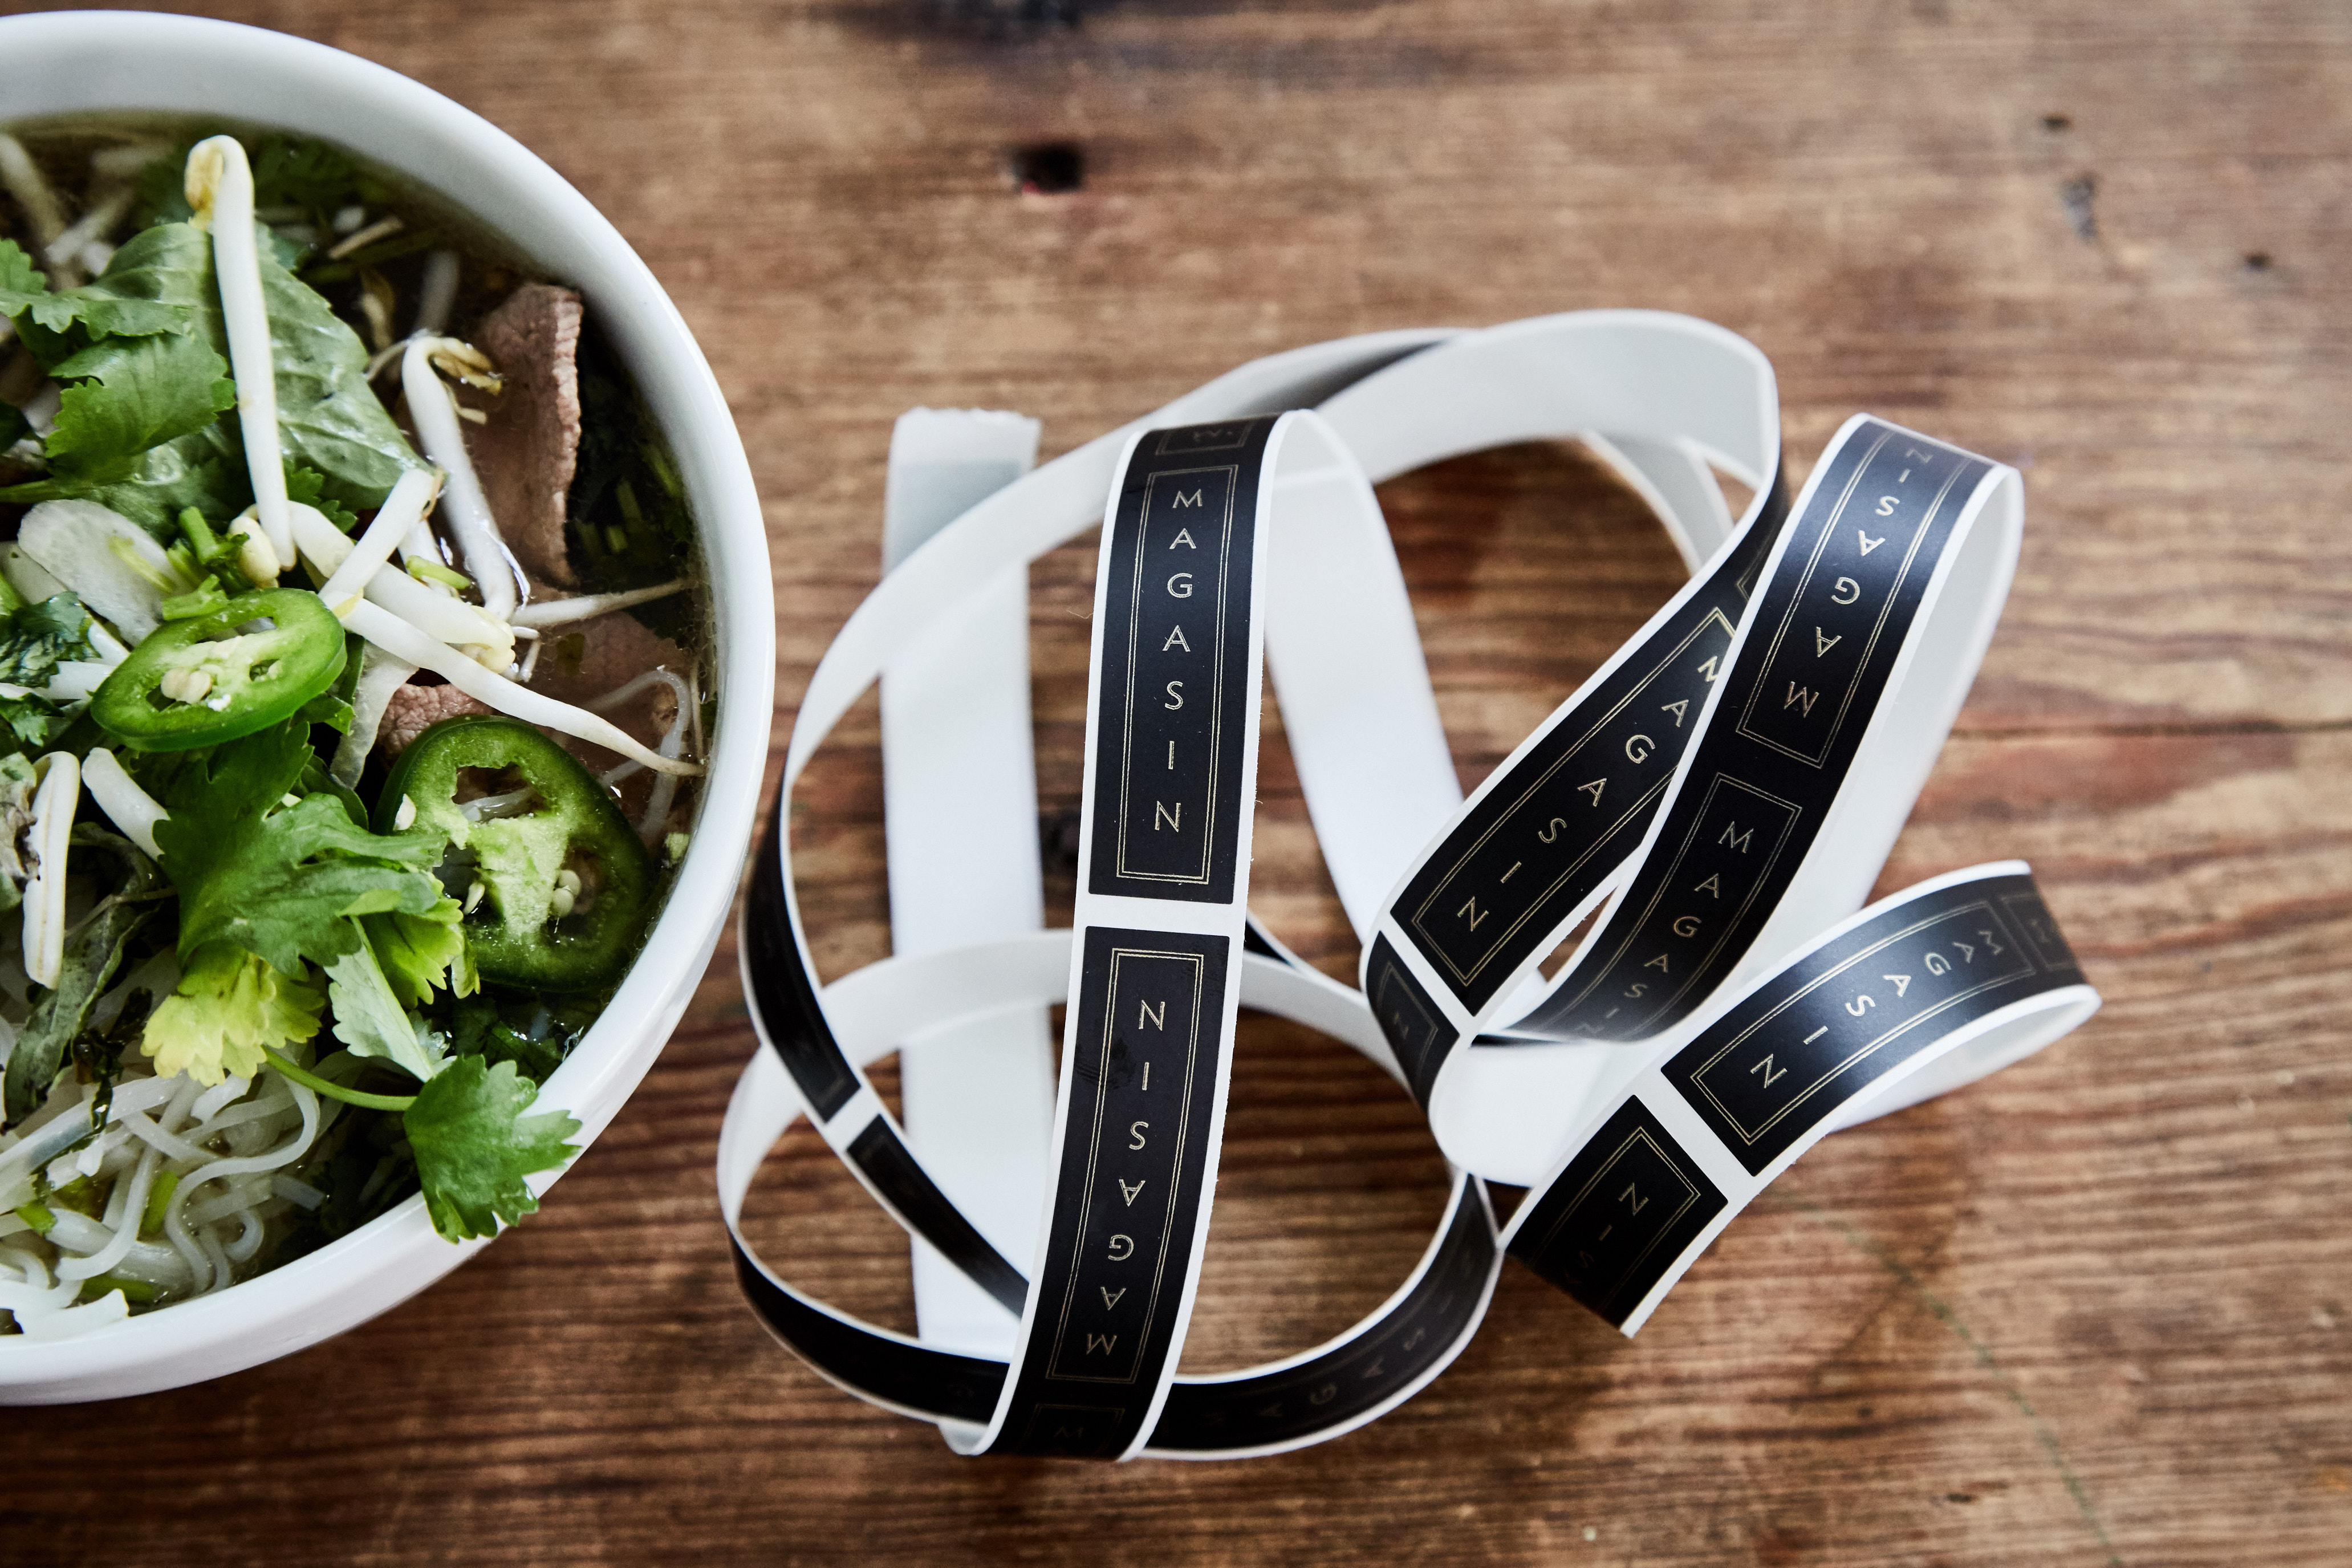 Magasin Vietnamese Kitchen Menu by Stitch Design Co.